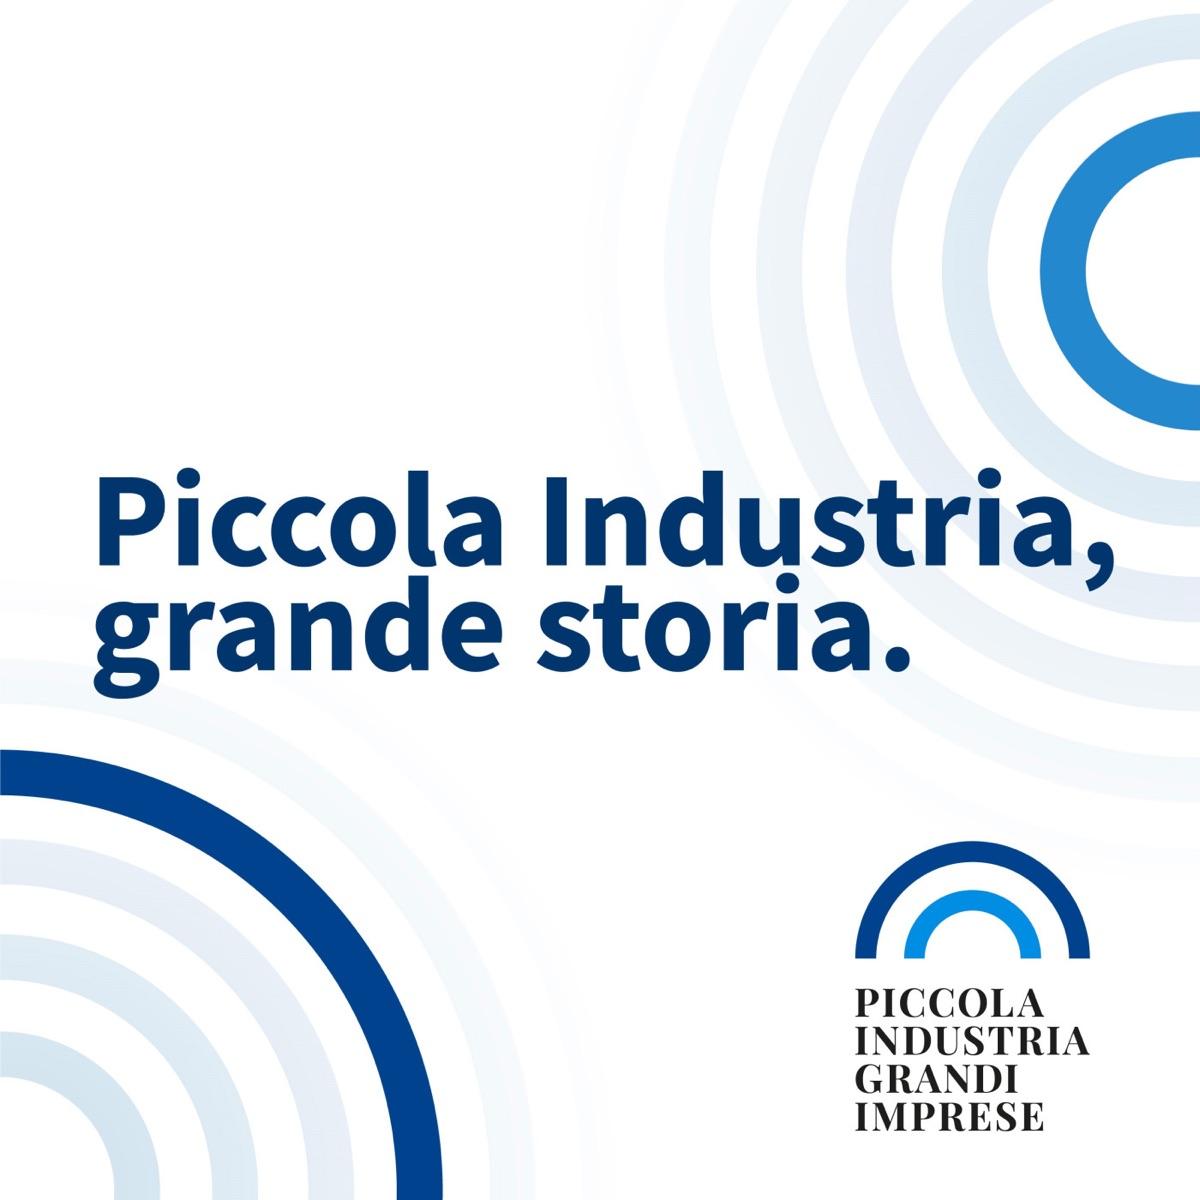 Piccola Industria, grande storia